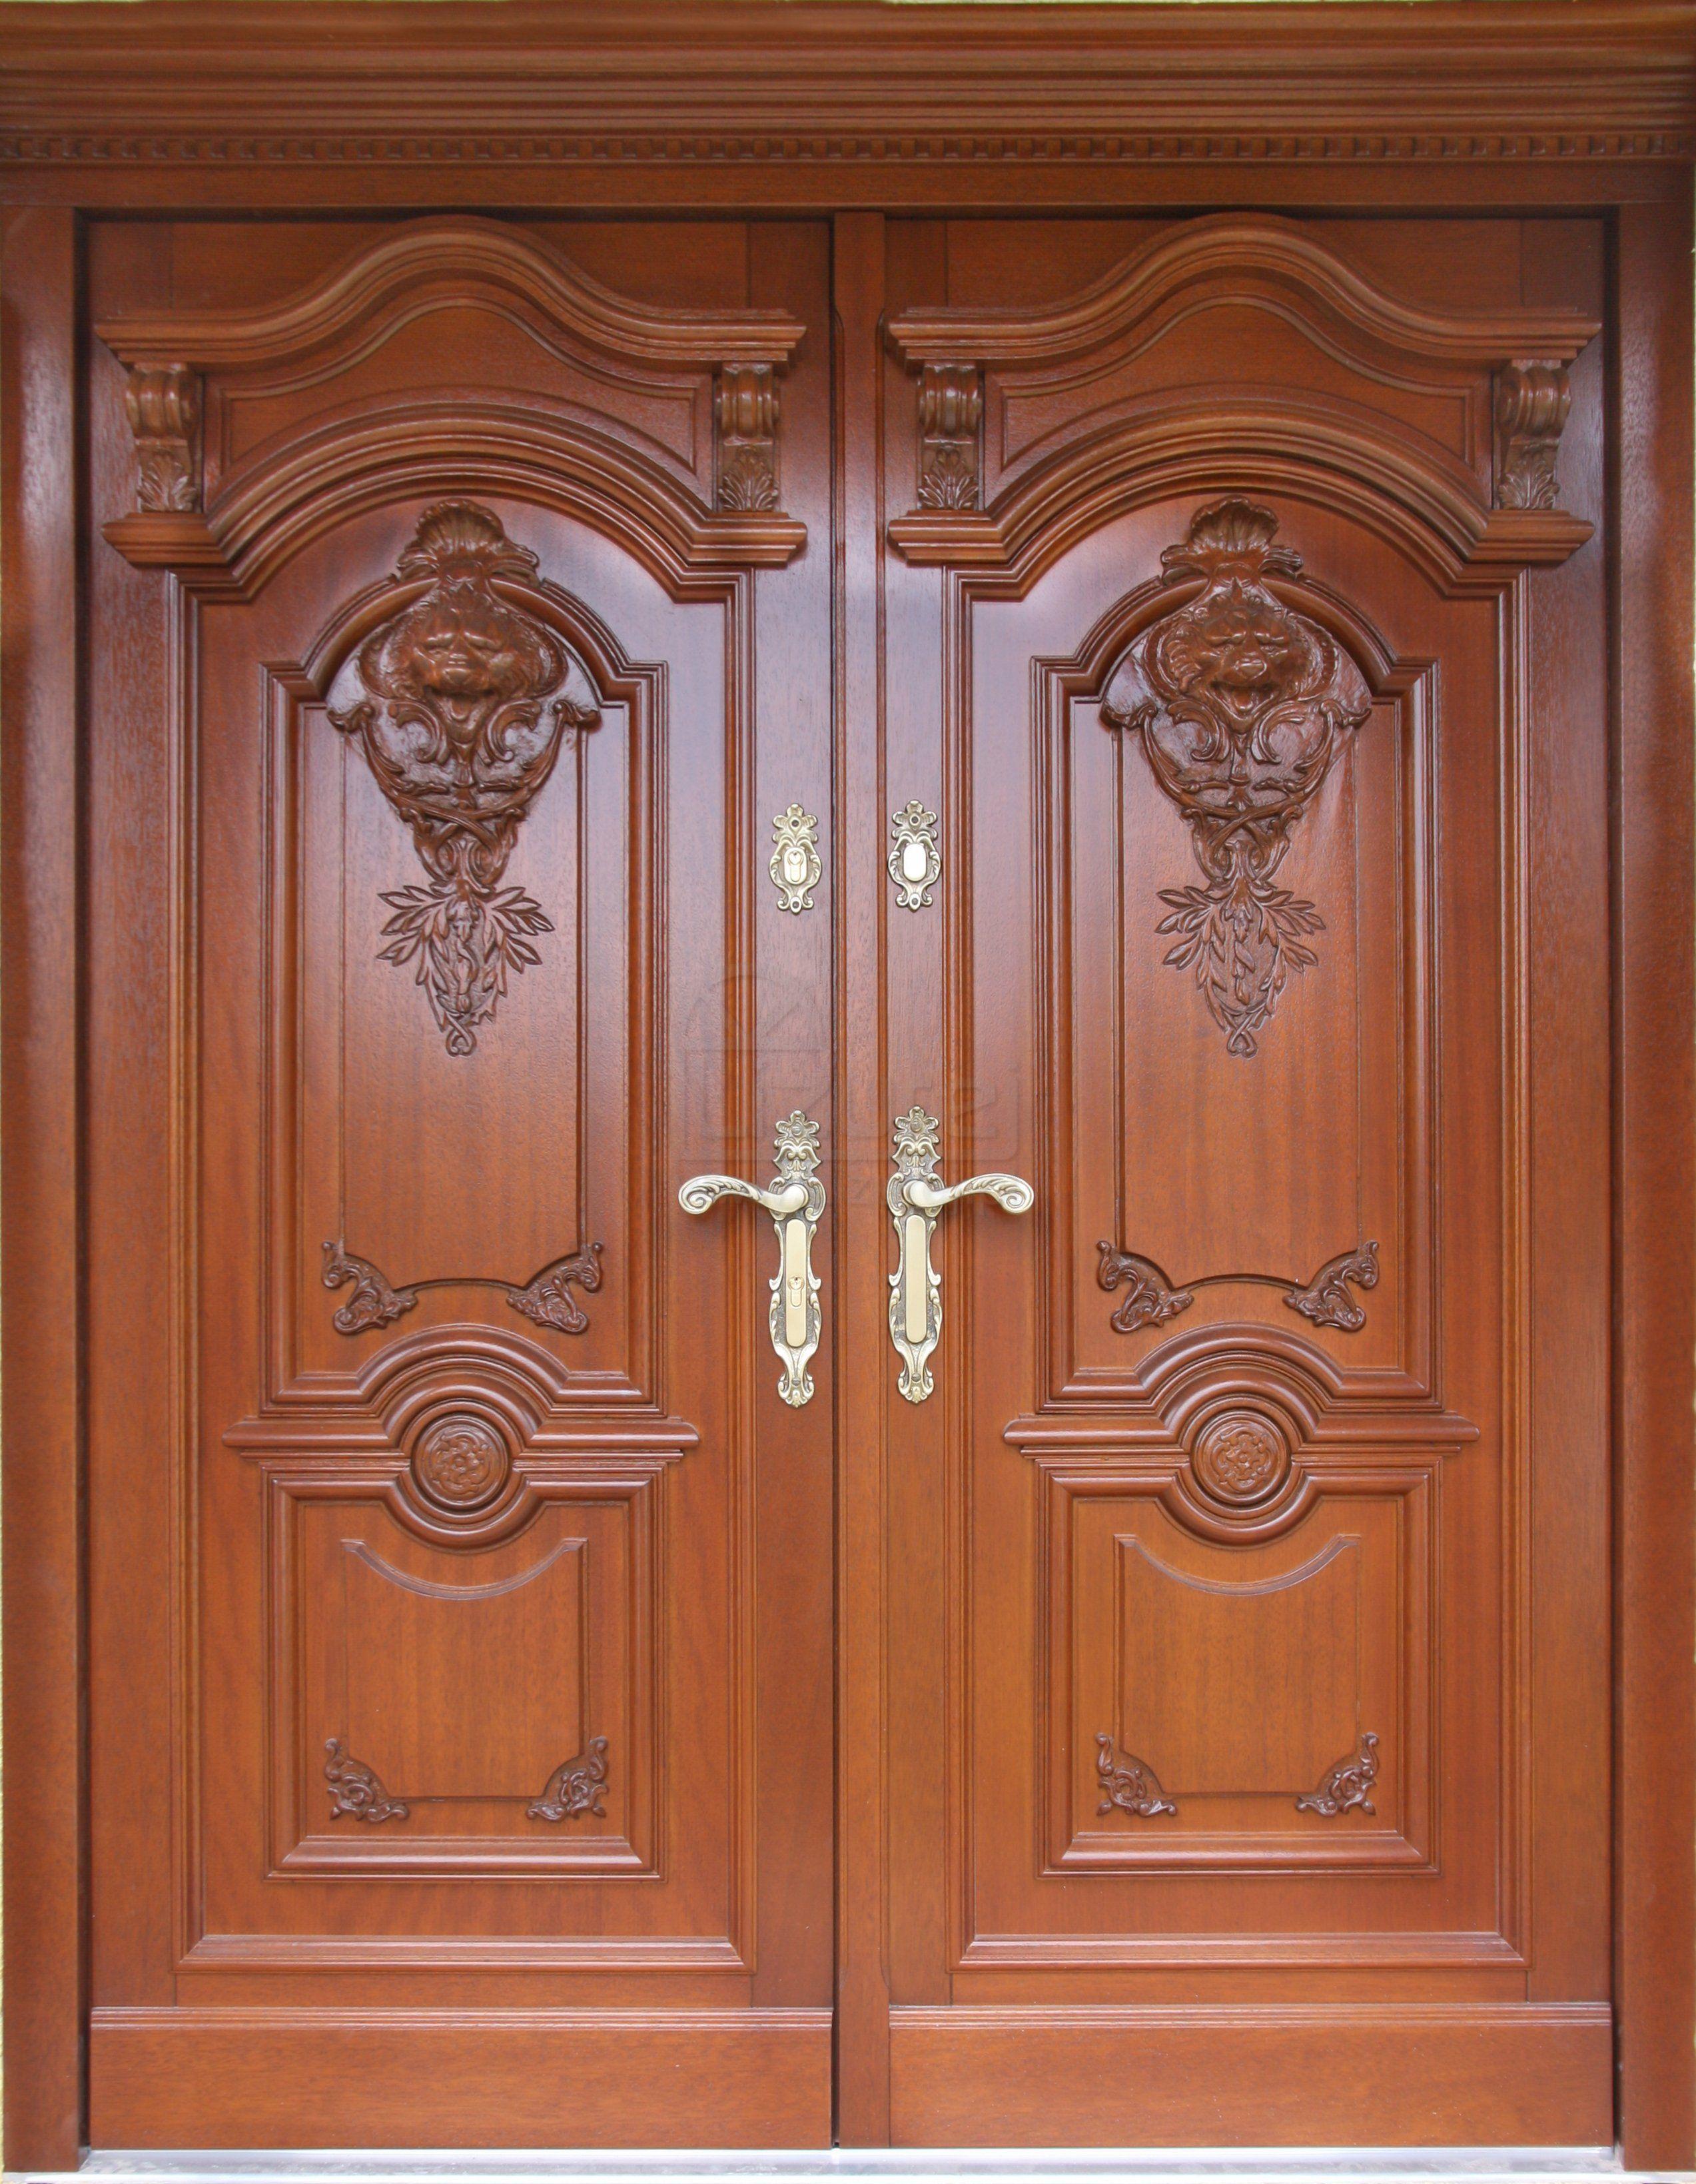 Drzwi Zewnetrzne Stylowe Ekskluzywne Z Rzezba Dwuskrzydlowe Lz 539 Lizurej Wooden Front Door Design Door Glass Design Front Door Design Wood